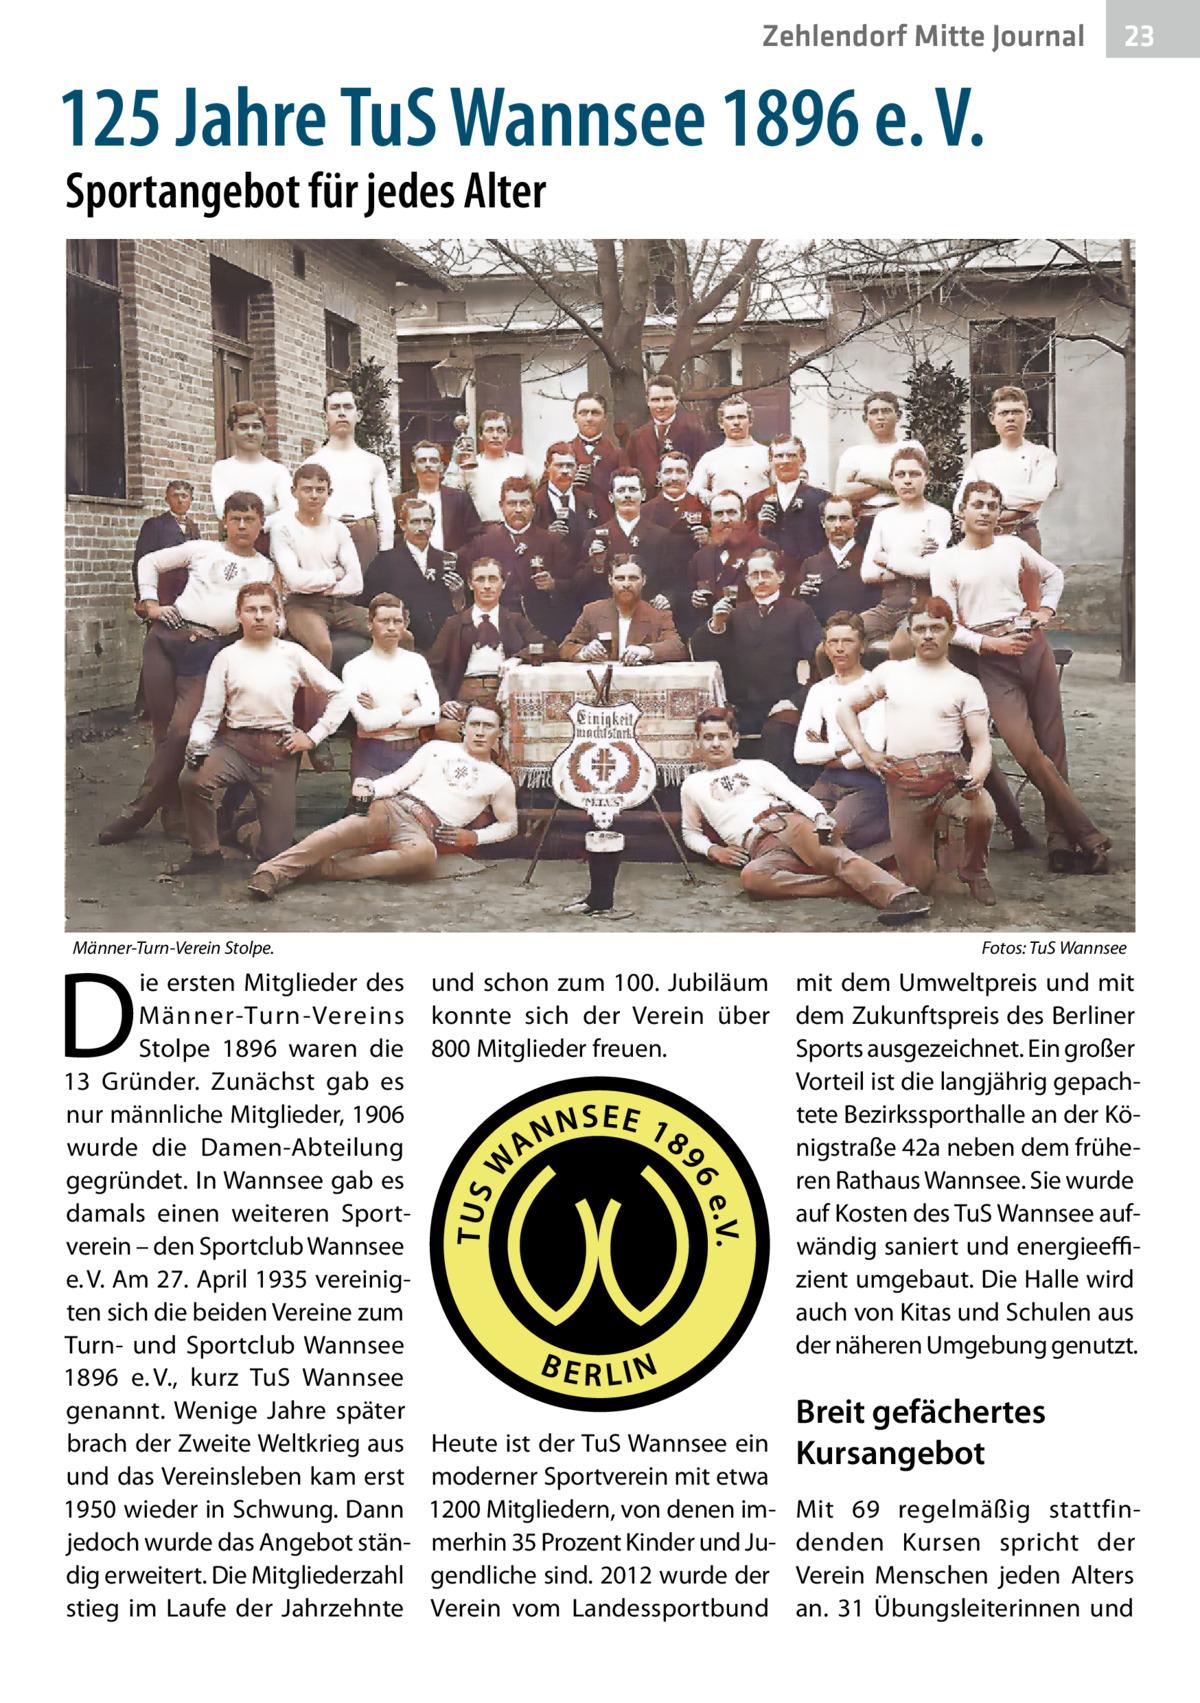 Zehlendorf Mitte Journal  23  125Jahre TuS Wannsee 1896 e.V. Sportangebot für jedes Alter  Männer-Turn-Verein Stolpe.�  D  ie ersten Mitglieder des Männer-Turn-Vereins Stolpe 1896 waren die 13 Gründer. Zunächst gab es nur männliche Mitglieder, 1906 wurde die Damen-Abteilung gegründet. In Wannsee gab es damals einen weiteren Sportverein – den Sportclub Wannsee e.V. Am 27.April 1935 vereinigten sich die beiden Vereine zum Turn- und Sportclub Wannsee 1896 e.V., kurz TuS Wannsee genannt. Wenige Jahre später brach der Zweite Weltkrieg aus und das Vereinsleben kam erst 1950 wieder in Schwung. Dann jedoch wurde das Angebot ständig erweitert. Die Mitgliederzahl stieg im Laufe der Jahrzehnte  Fotos: TuS Wannsee  und schon zum 100. Jubiläum mit dem Umweltpreis und mit konnte sich der Verein über dem Zukunftspreis des Berliner 800Mitglieder freuen. Sports ausgezeichnet. Ein großer Vorteil ist die langjährig gepachtete Bezirkssporthalle an der Königstraße42a neben dem früheren Rathaus Wannsee. Sie wurde auf Kosten des TuS Wannsee aufwändig saniert und energieeffizient umgebaut. Die Halle wird auch von Kitas und Schulen aus der näheren Umgebung genutzt.  Heute ist der TuS Wannsee ein moderner Sportverein mit etwa 1200Mitgliedern, von denen immerhin 35Prozent Kinder und Jugendliche sind. 2012 wurde der Verein vom Landessportbund  Breit gefächertes Kursangebot Mit 69 regelmäßig stattfindenden Kursen spricht der Verein Menschen jeden Alters an. 31 Übungsleiterinnen und